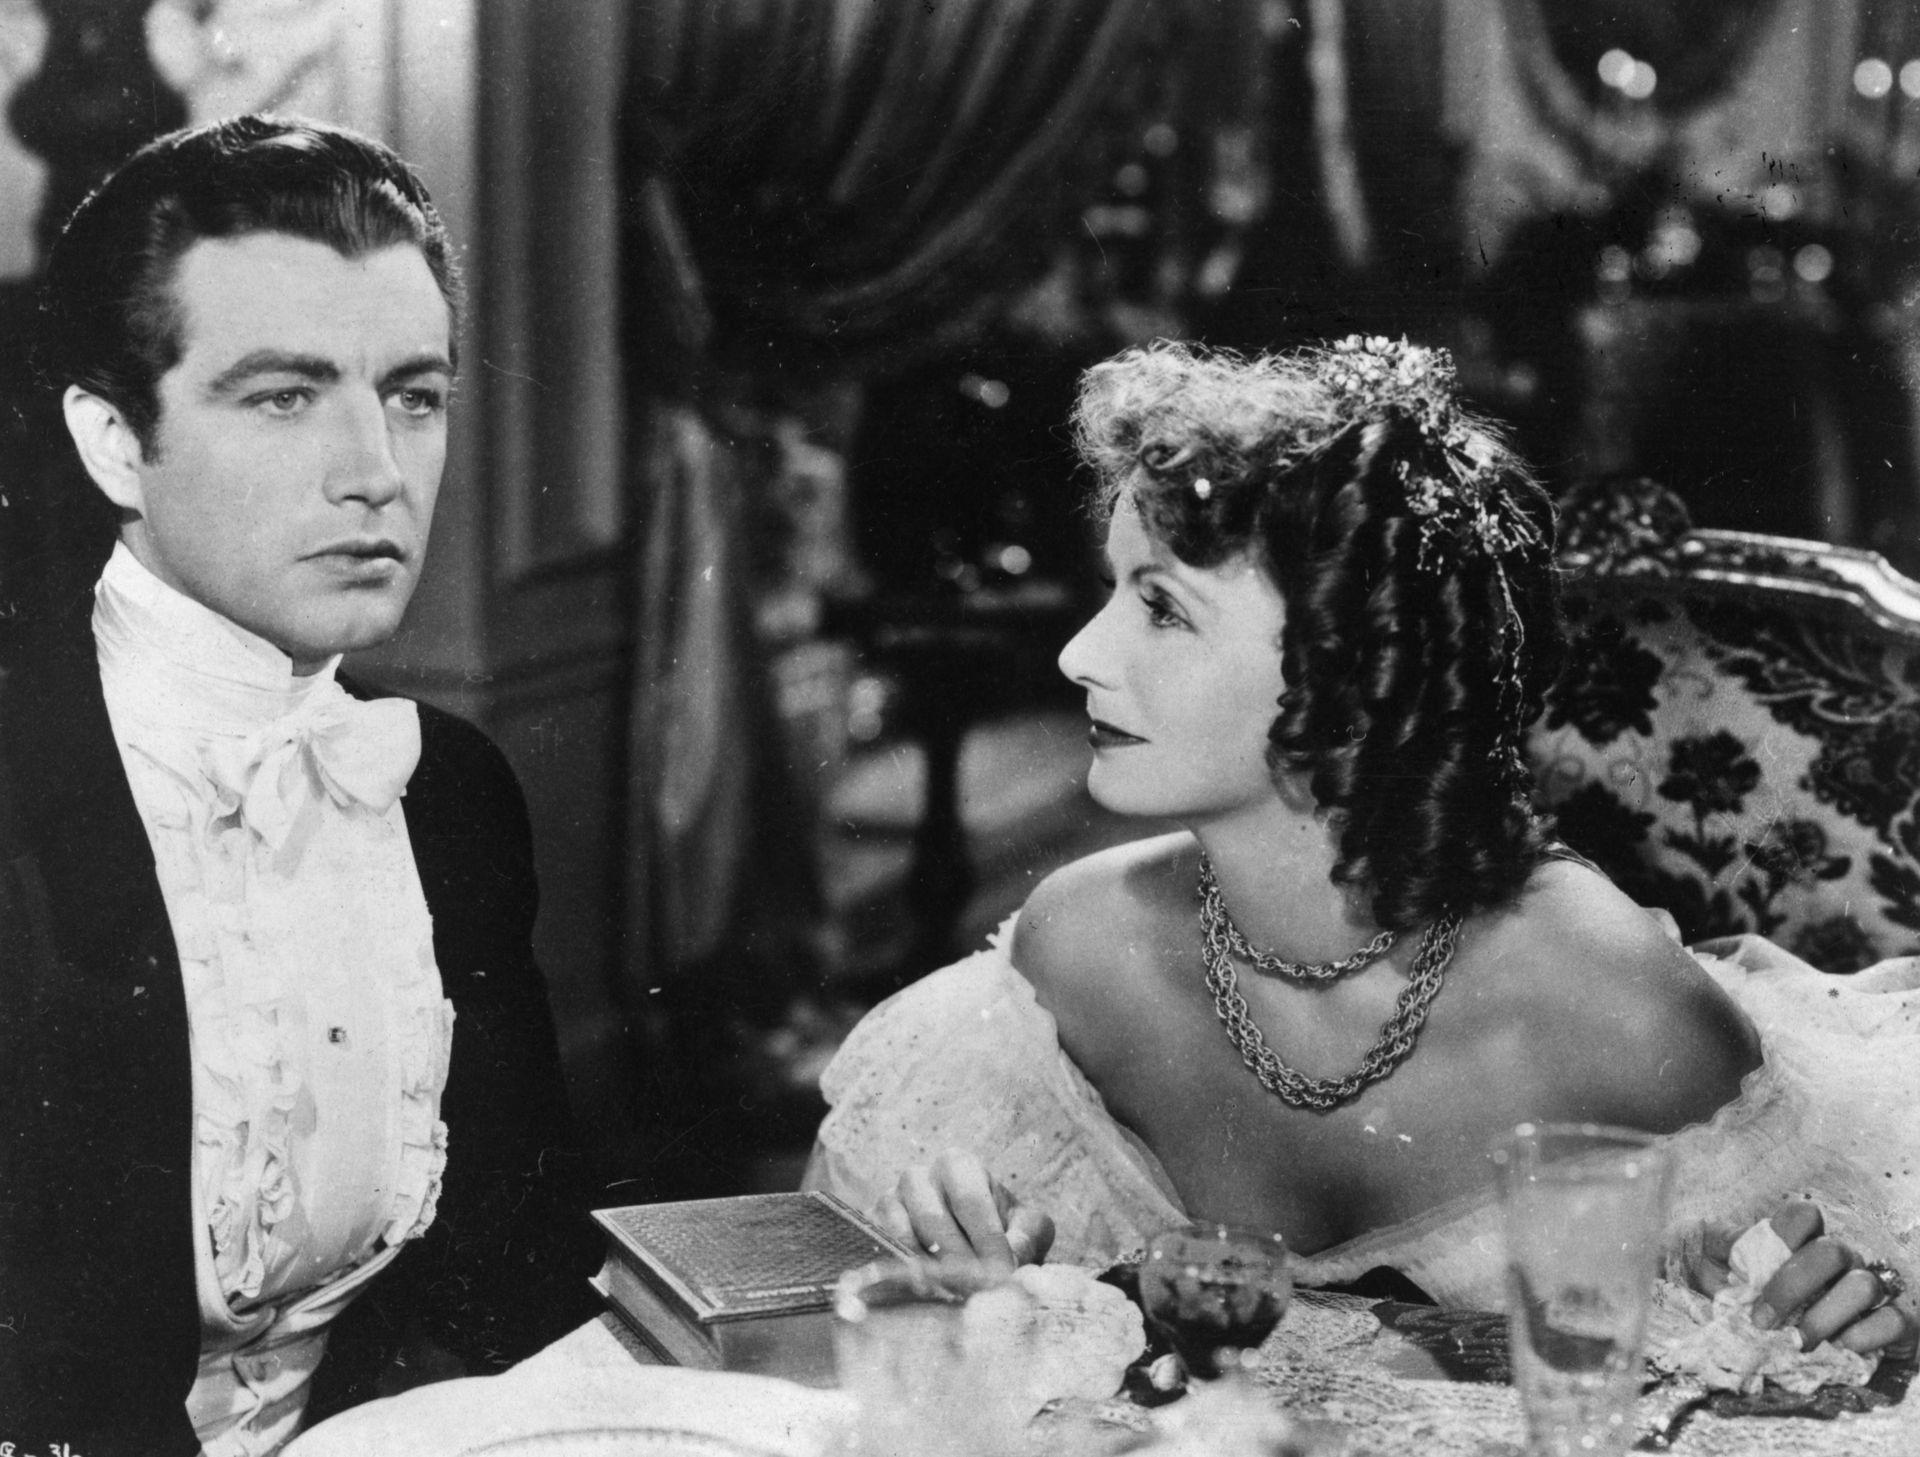 Robert Taylor y Greta Garbo en La dama de las camelias, una producción de MGM dirigida por George Cukor. (Foto de Hulton Archive / Getty Images)